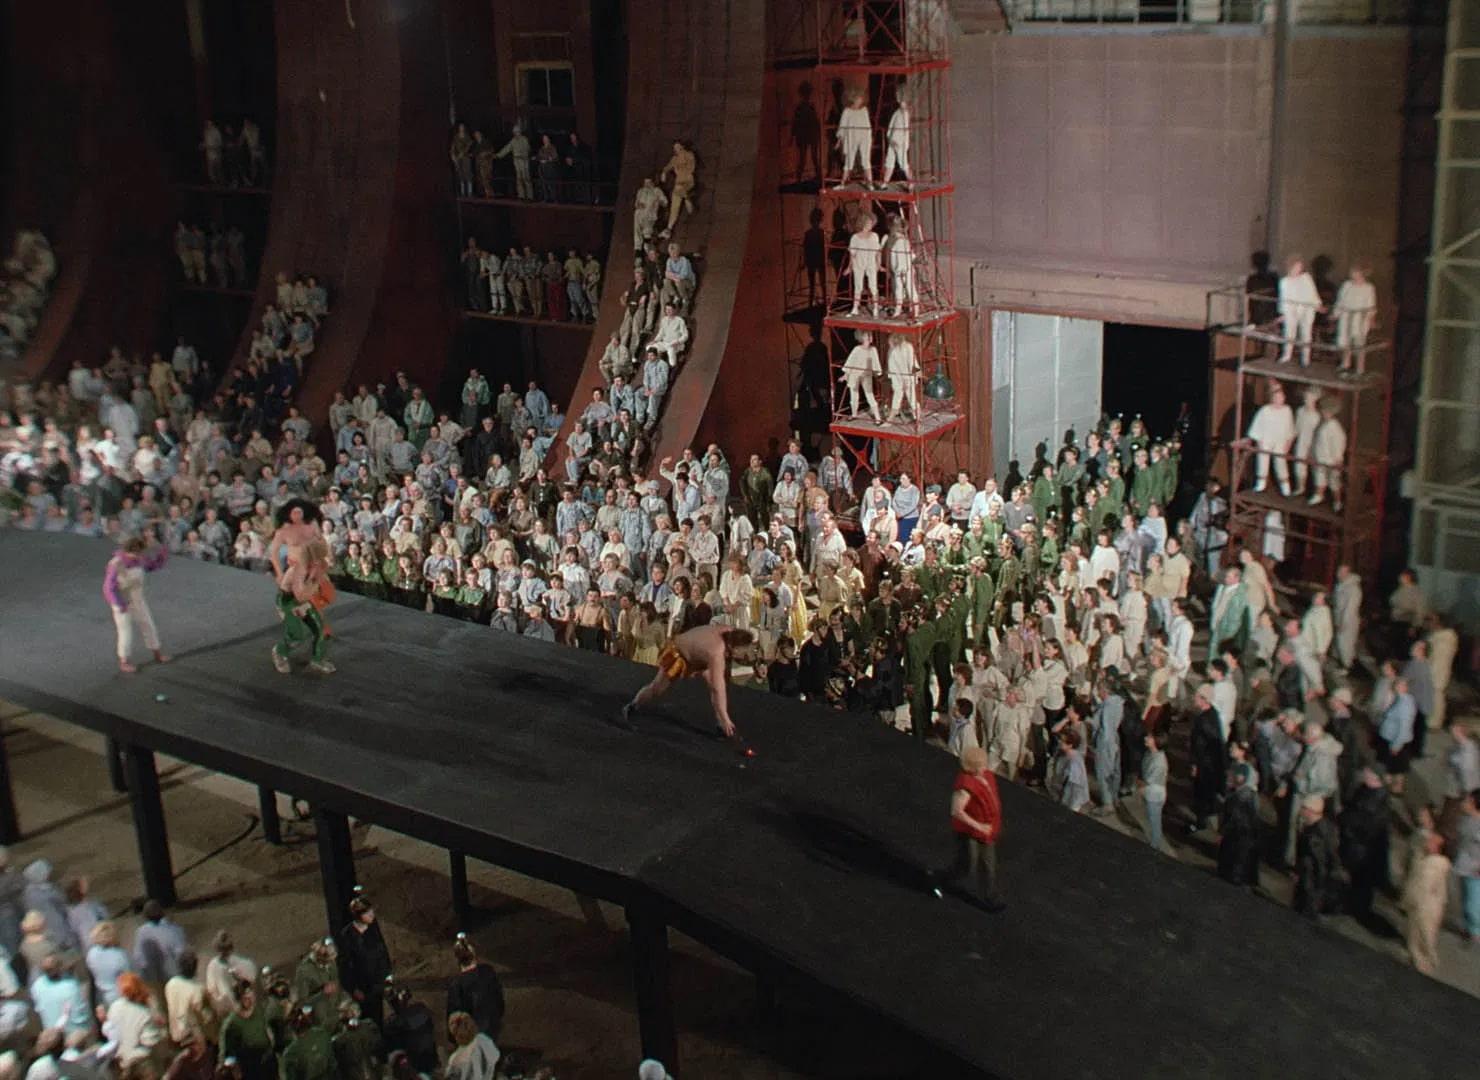 In der Szene aus Kin-Dza-Dza stehen sehr viele Menschen in mehreren Reihen nebeneinander in einem großen Raum. Alle tragen verschiedenfarbige Arbeitskleidung. In der Mitte des Raumes ist ein schwarzer Laufsteg, auf dem mehrere Personen herumlaufen. Die Wände des Raumes sind teilweise mit abgerundeten roten Metallsäulen gestützt, an deren Seite kleine Podeste angebracht sind, auf denen auch Menschen in Arbeitskleidung stehen.